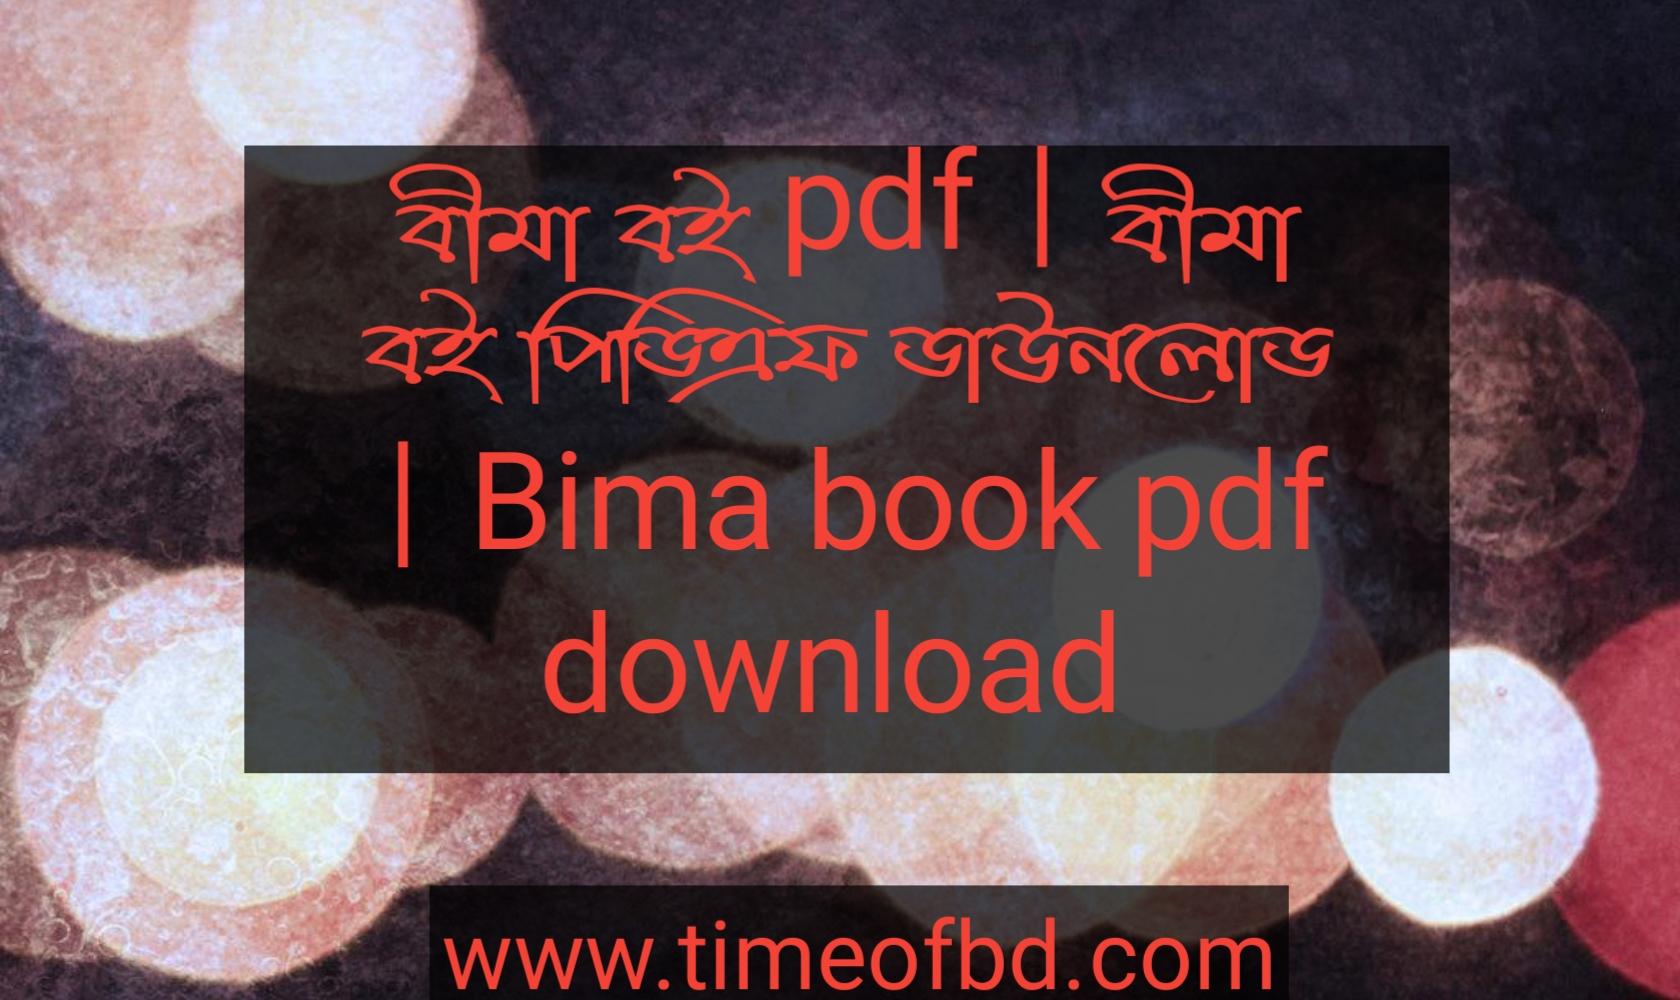 বীমা বই pdf, বীমা বই পিডিএফ ডাউনলোড, বীমা বই পিডিএফ, বীমা বই pdf download,